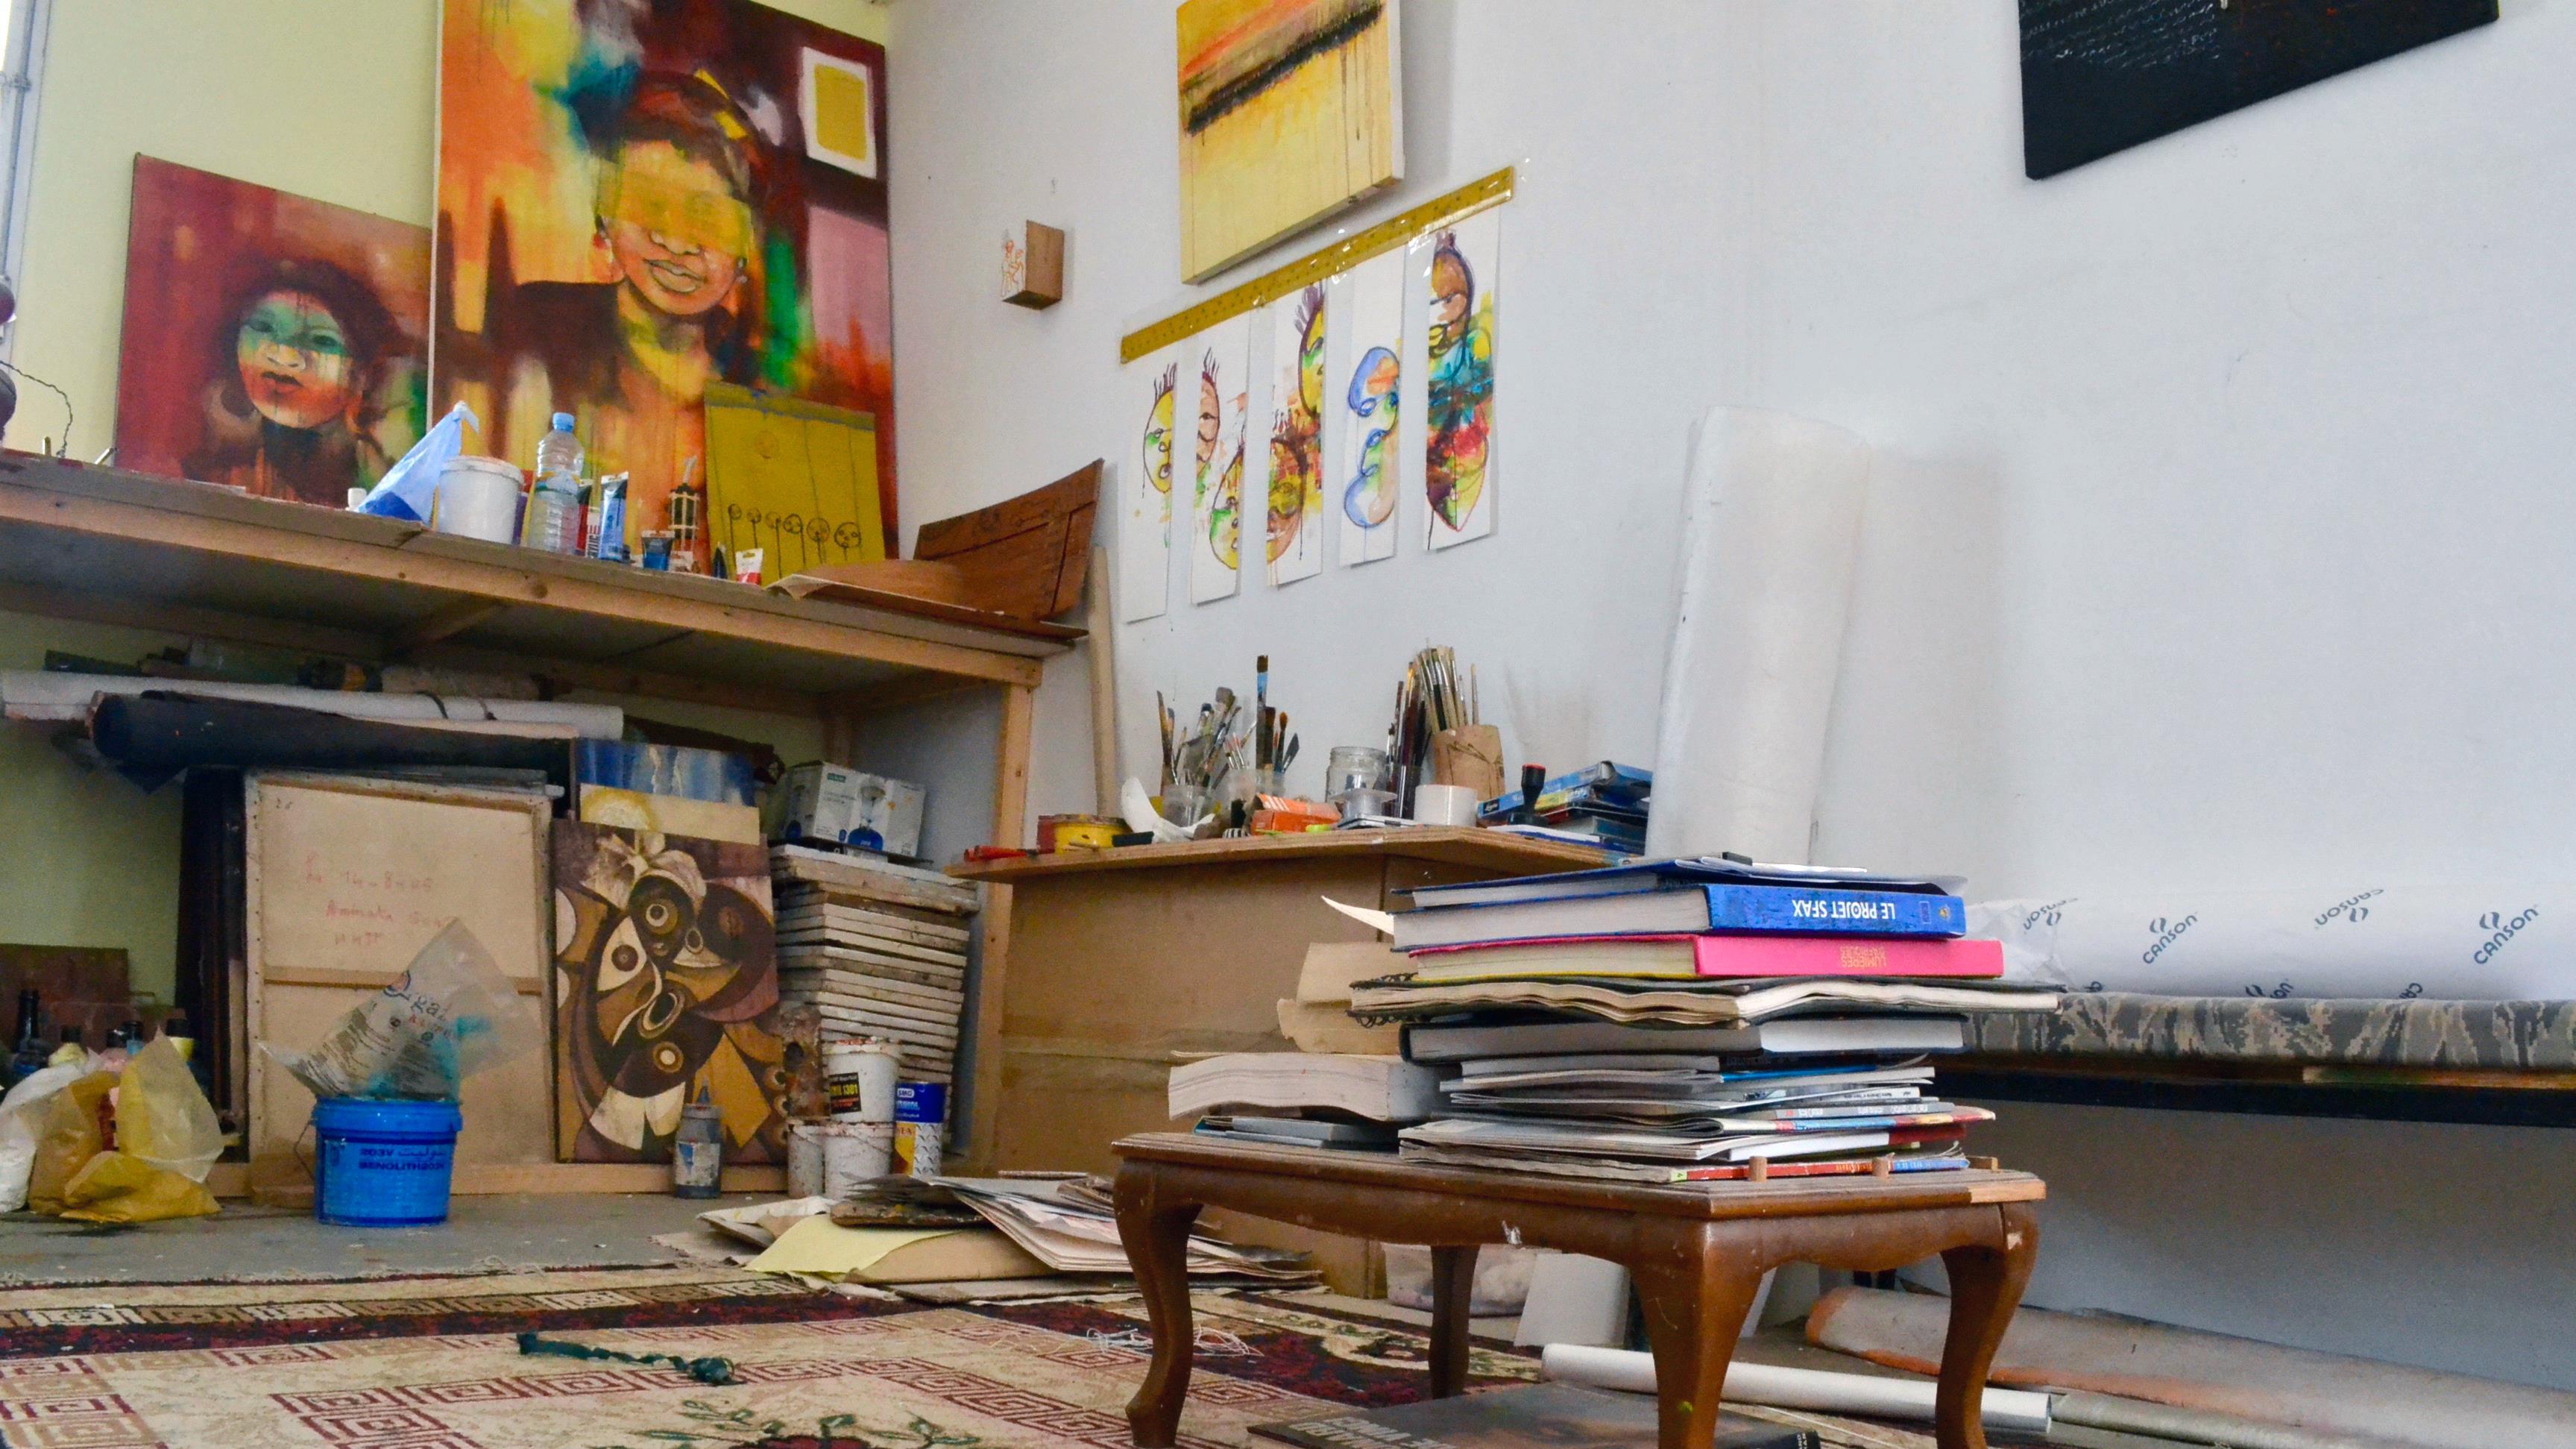 Des toiles inachevées représentant des visages de femmes dans l'atelier d'Amy Sow